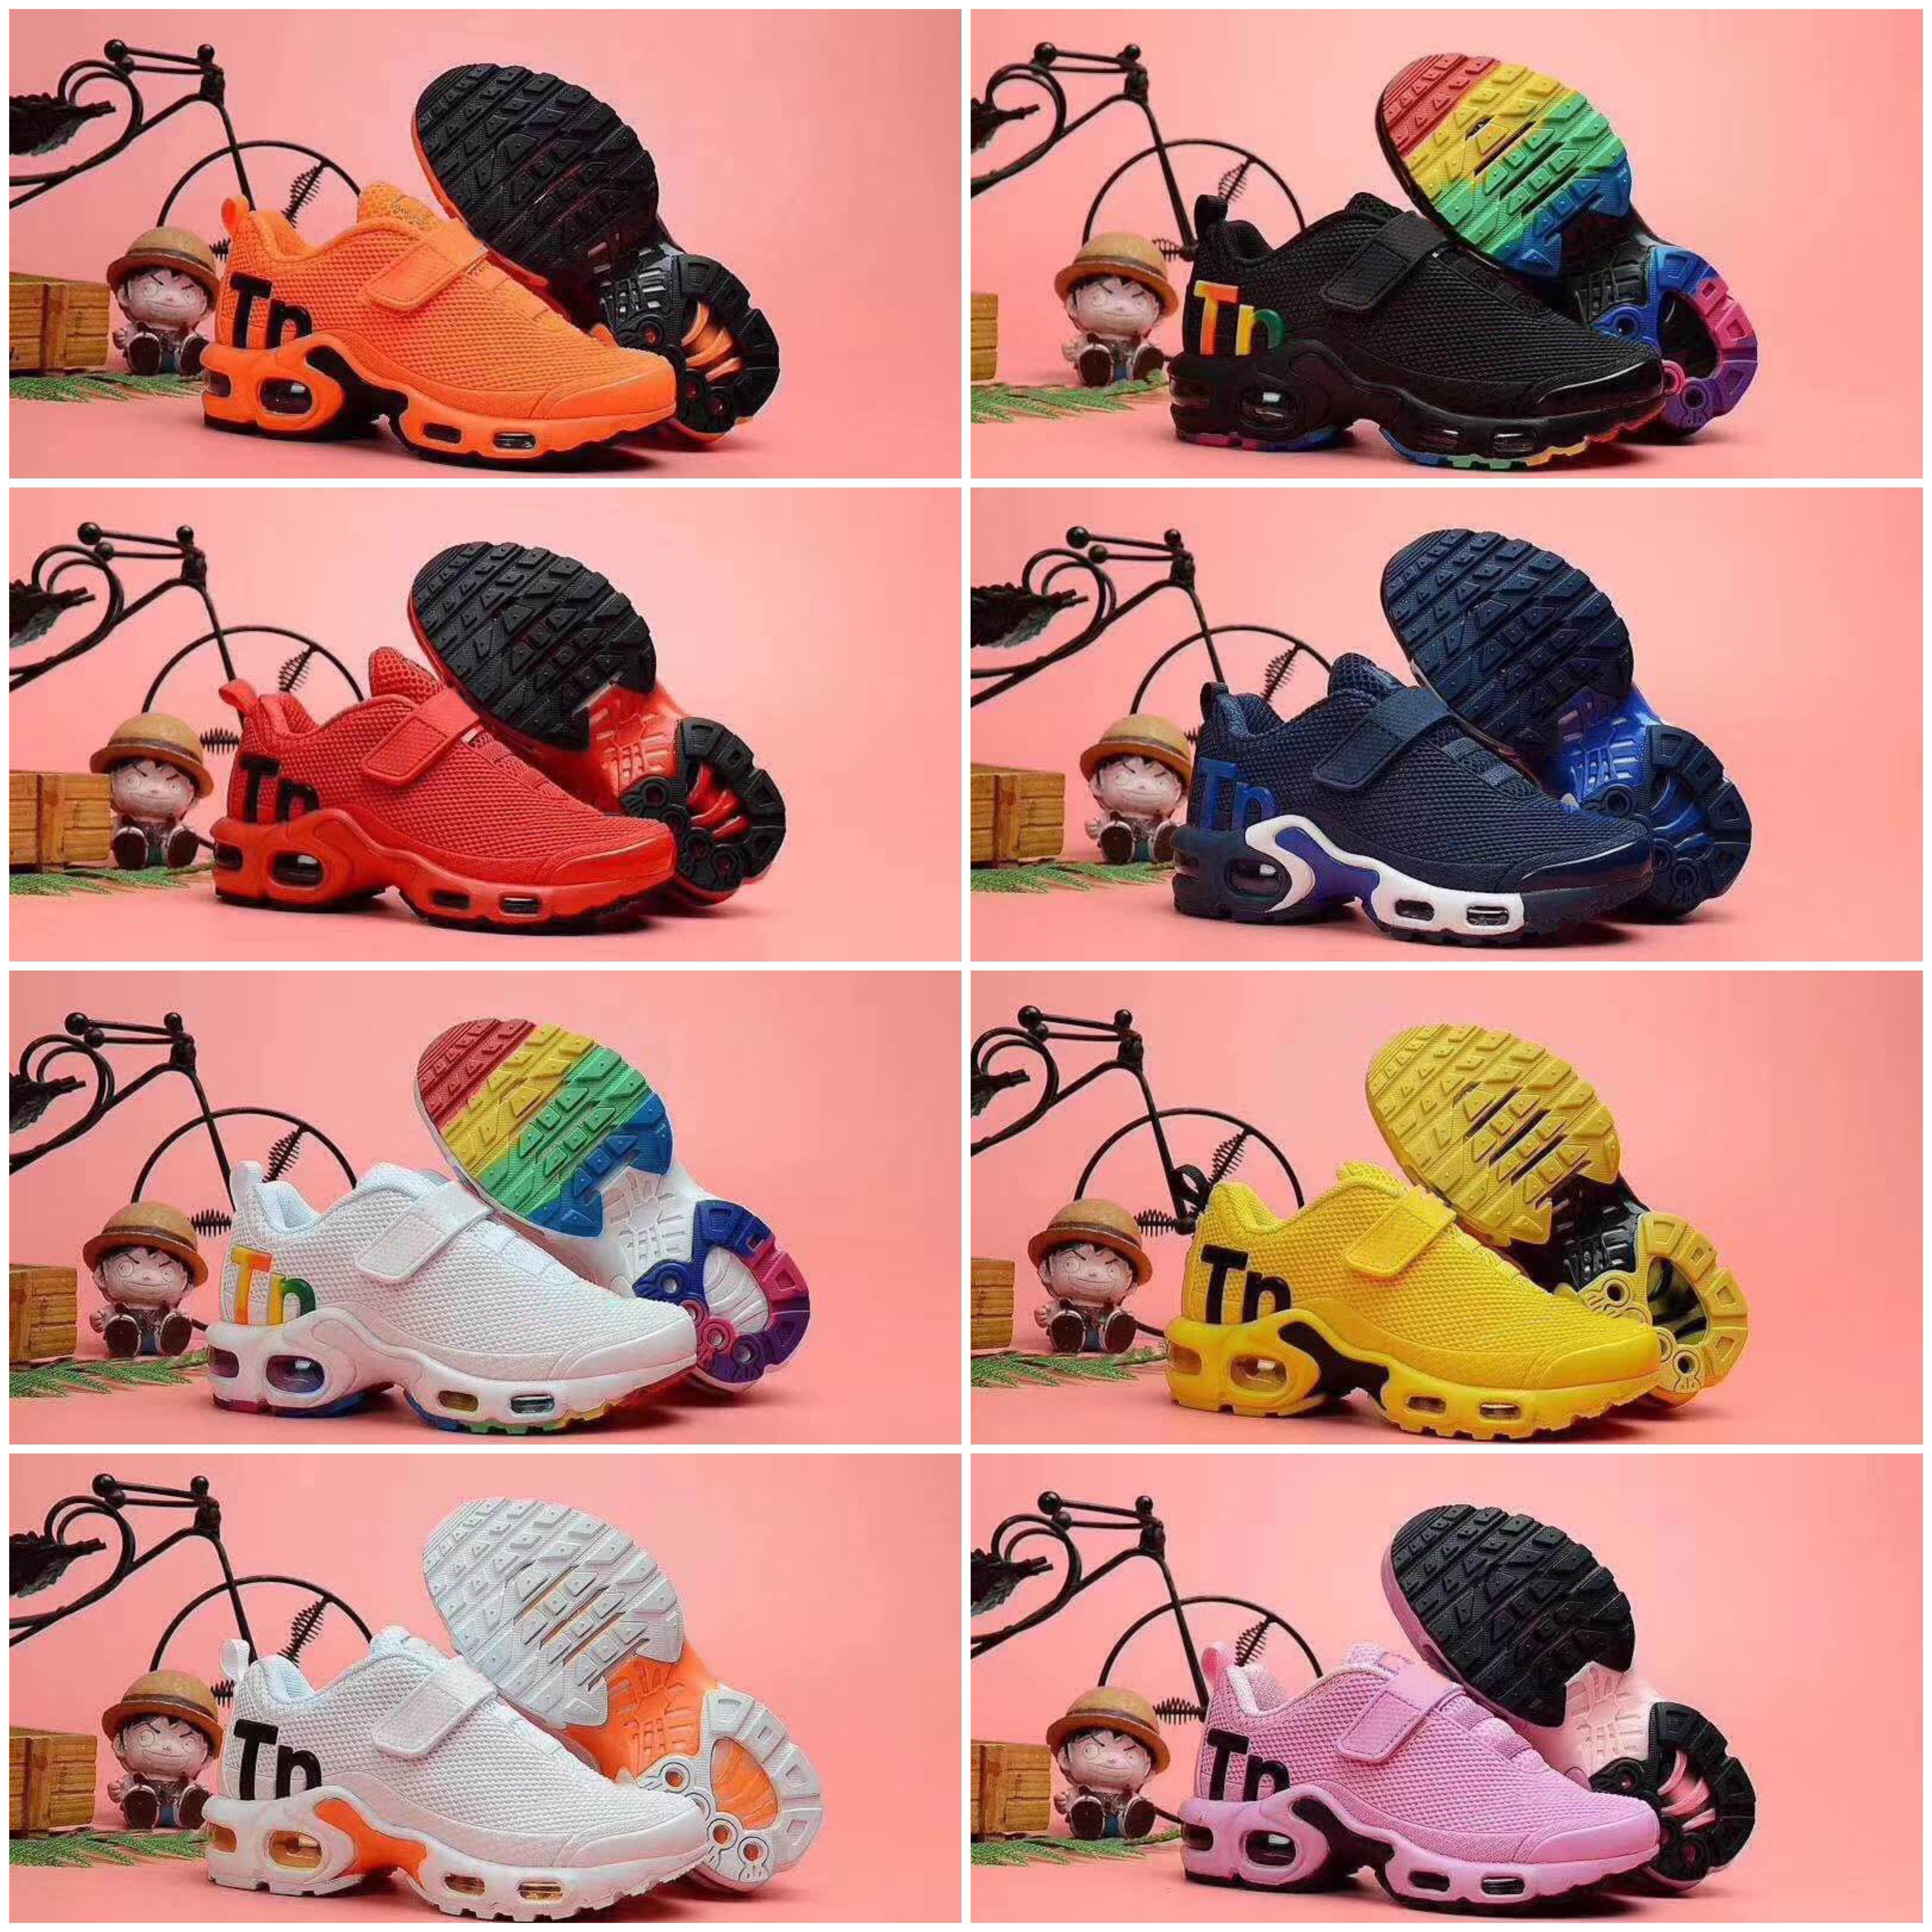 Nike Air TN Plus erkek kız çocukları Siyah Kırmızı Beyaz TN Ultra kpu Yastık Yüzey için 2020 yeni TN Koşu Ayakkabı Trainer Ayakkabı sneakers